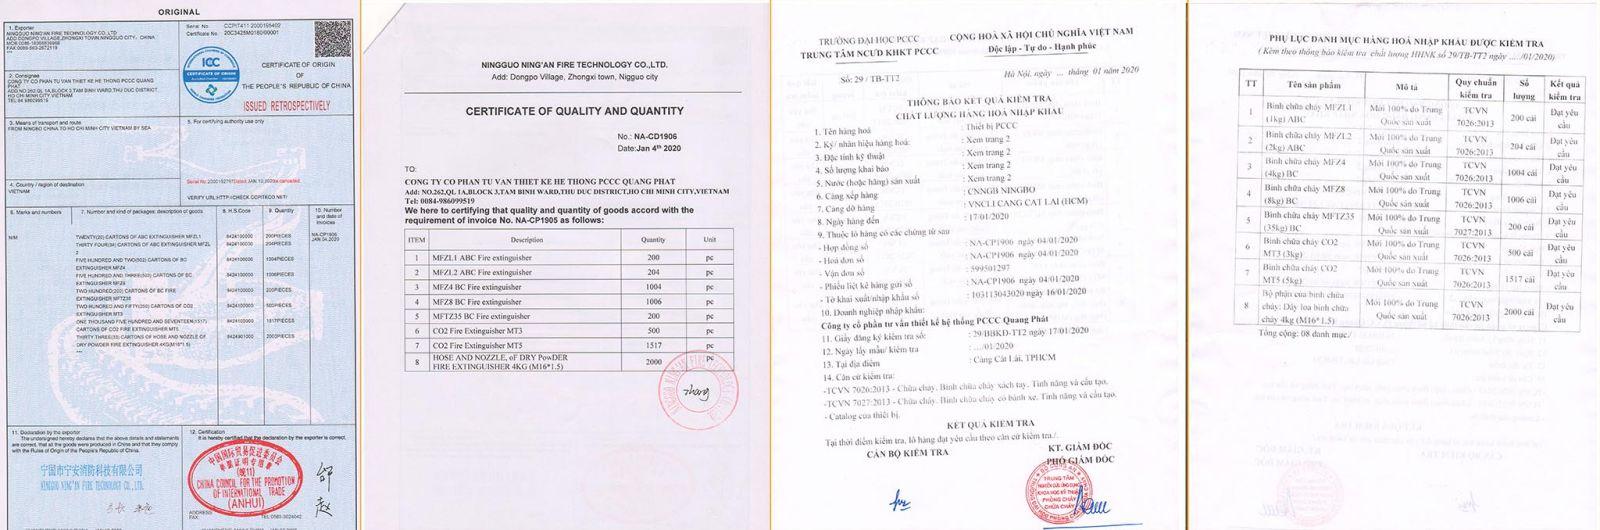 Chứng nhận xuất xứ, nhập khẩu và kiểm định của bình pccc bột BC